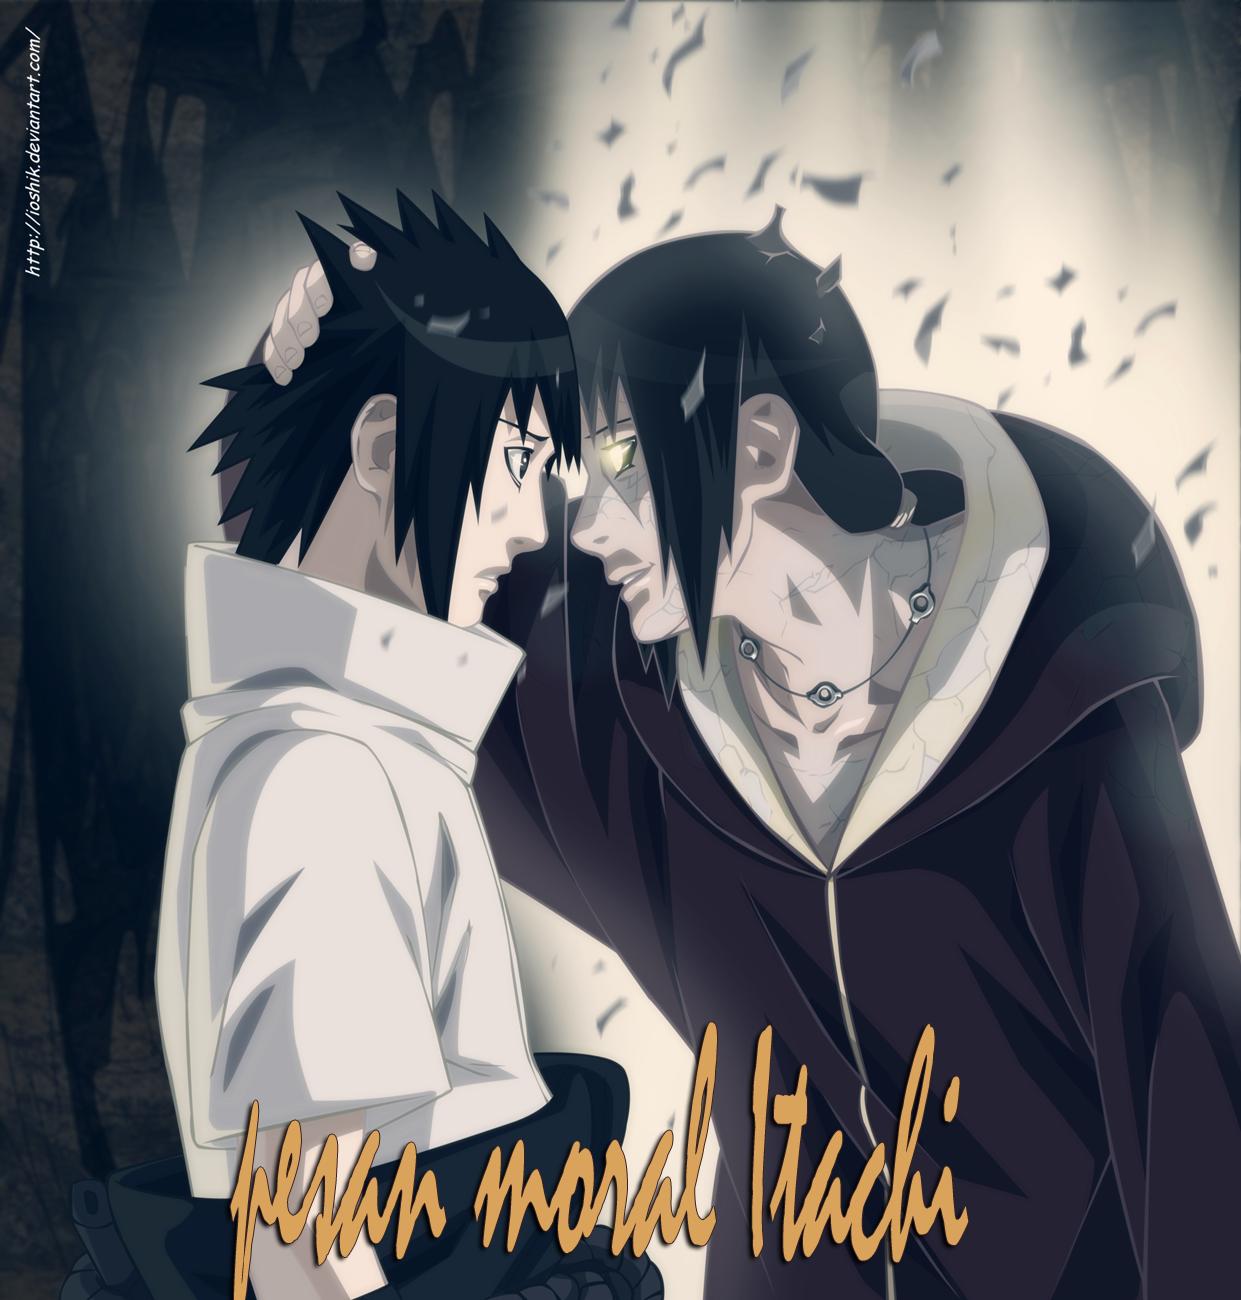 Kata Itachi Paling Bijak Pesan Moral Anime Kata Wawartos